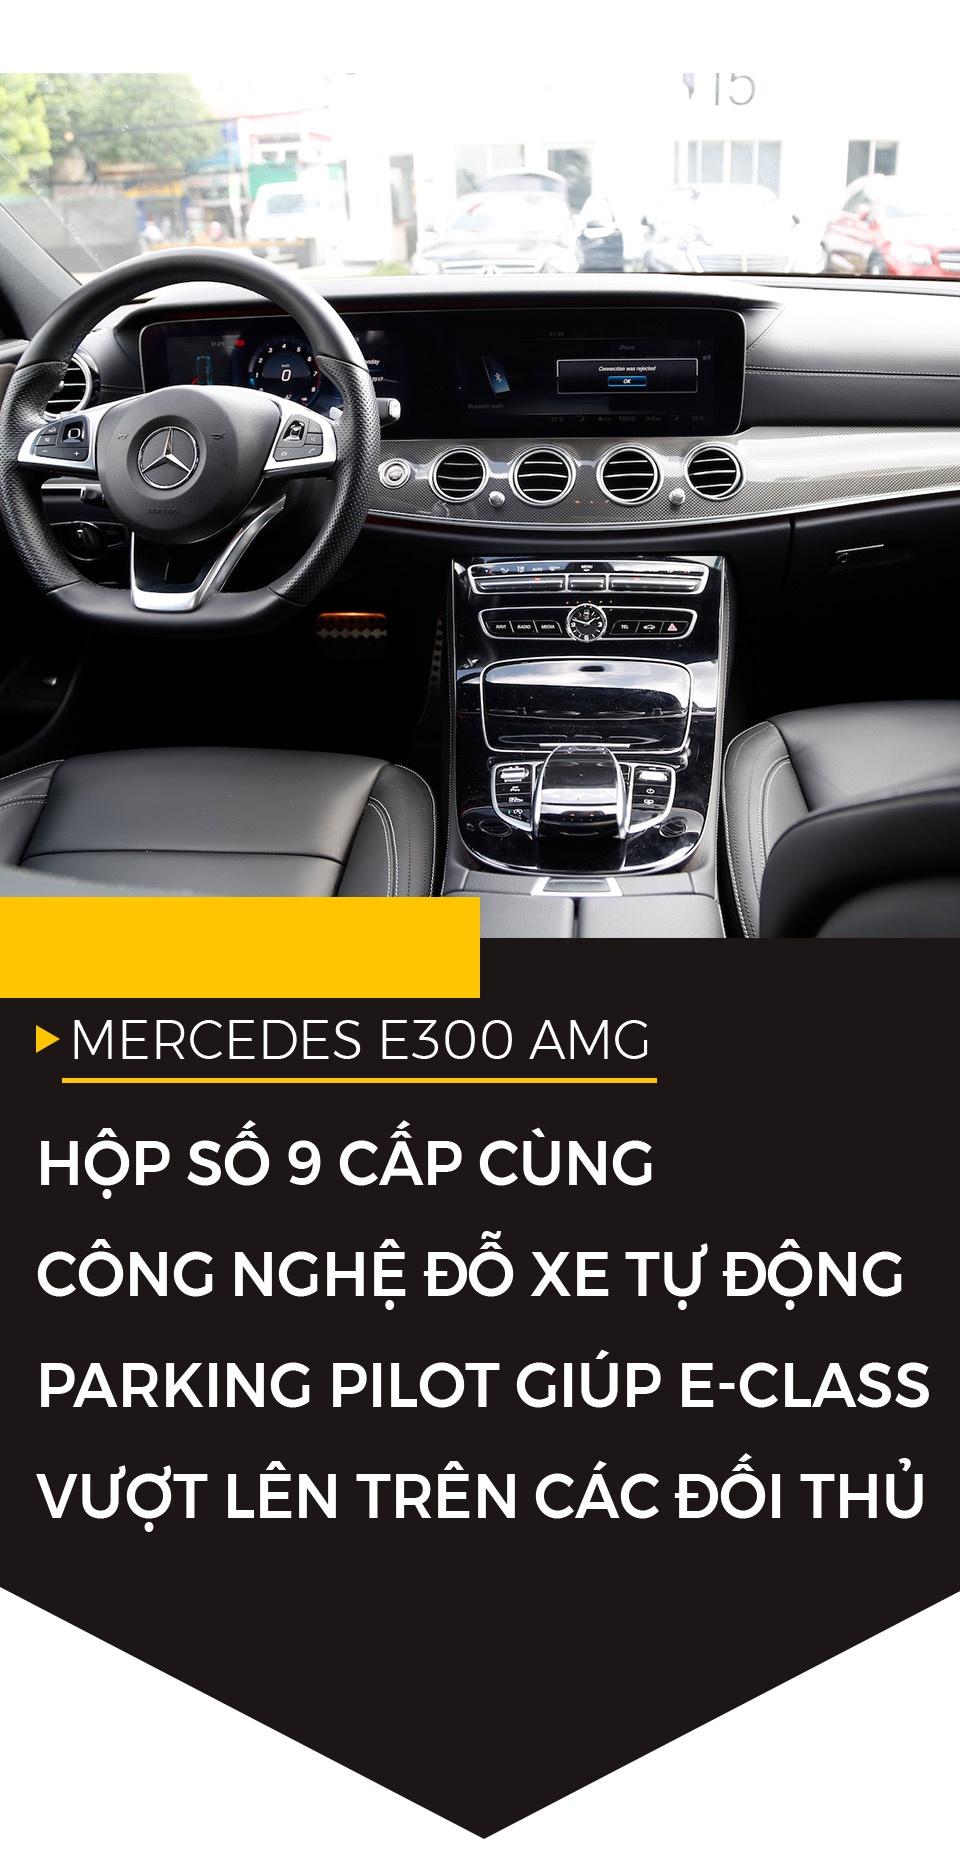 Mercedes E300 AMG - sedan hang sang gia 3 ty dong tai Viet Nam hinh anh 7